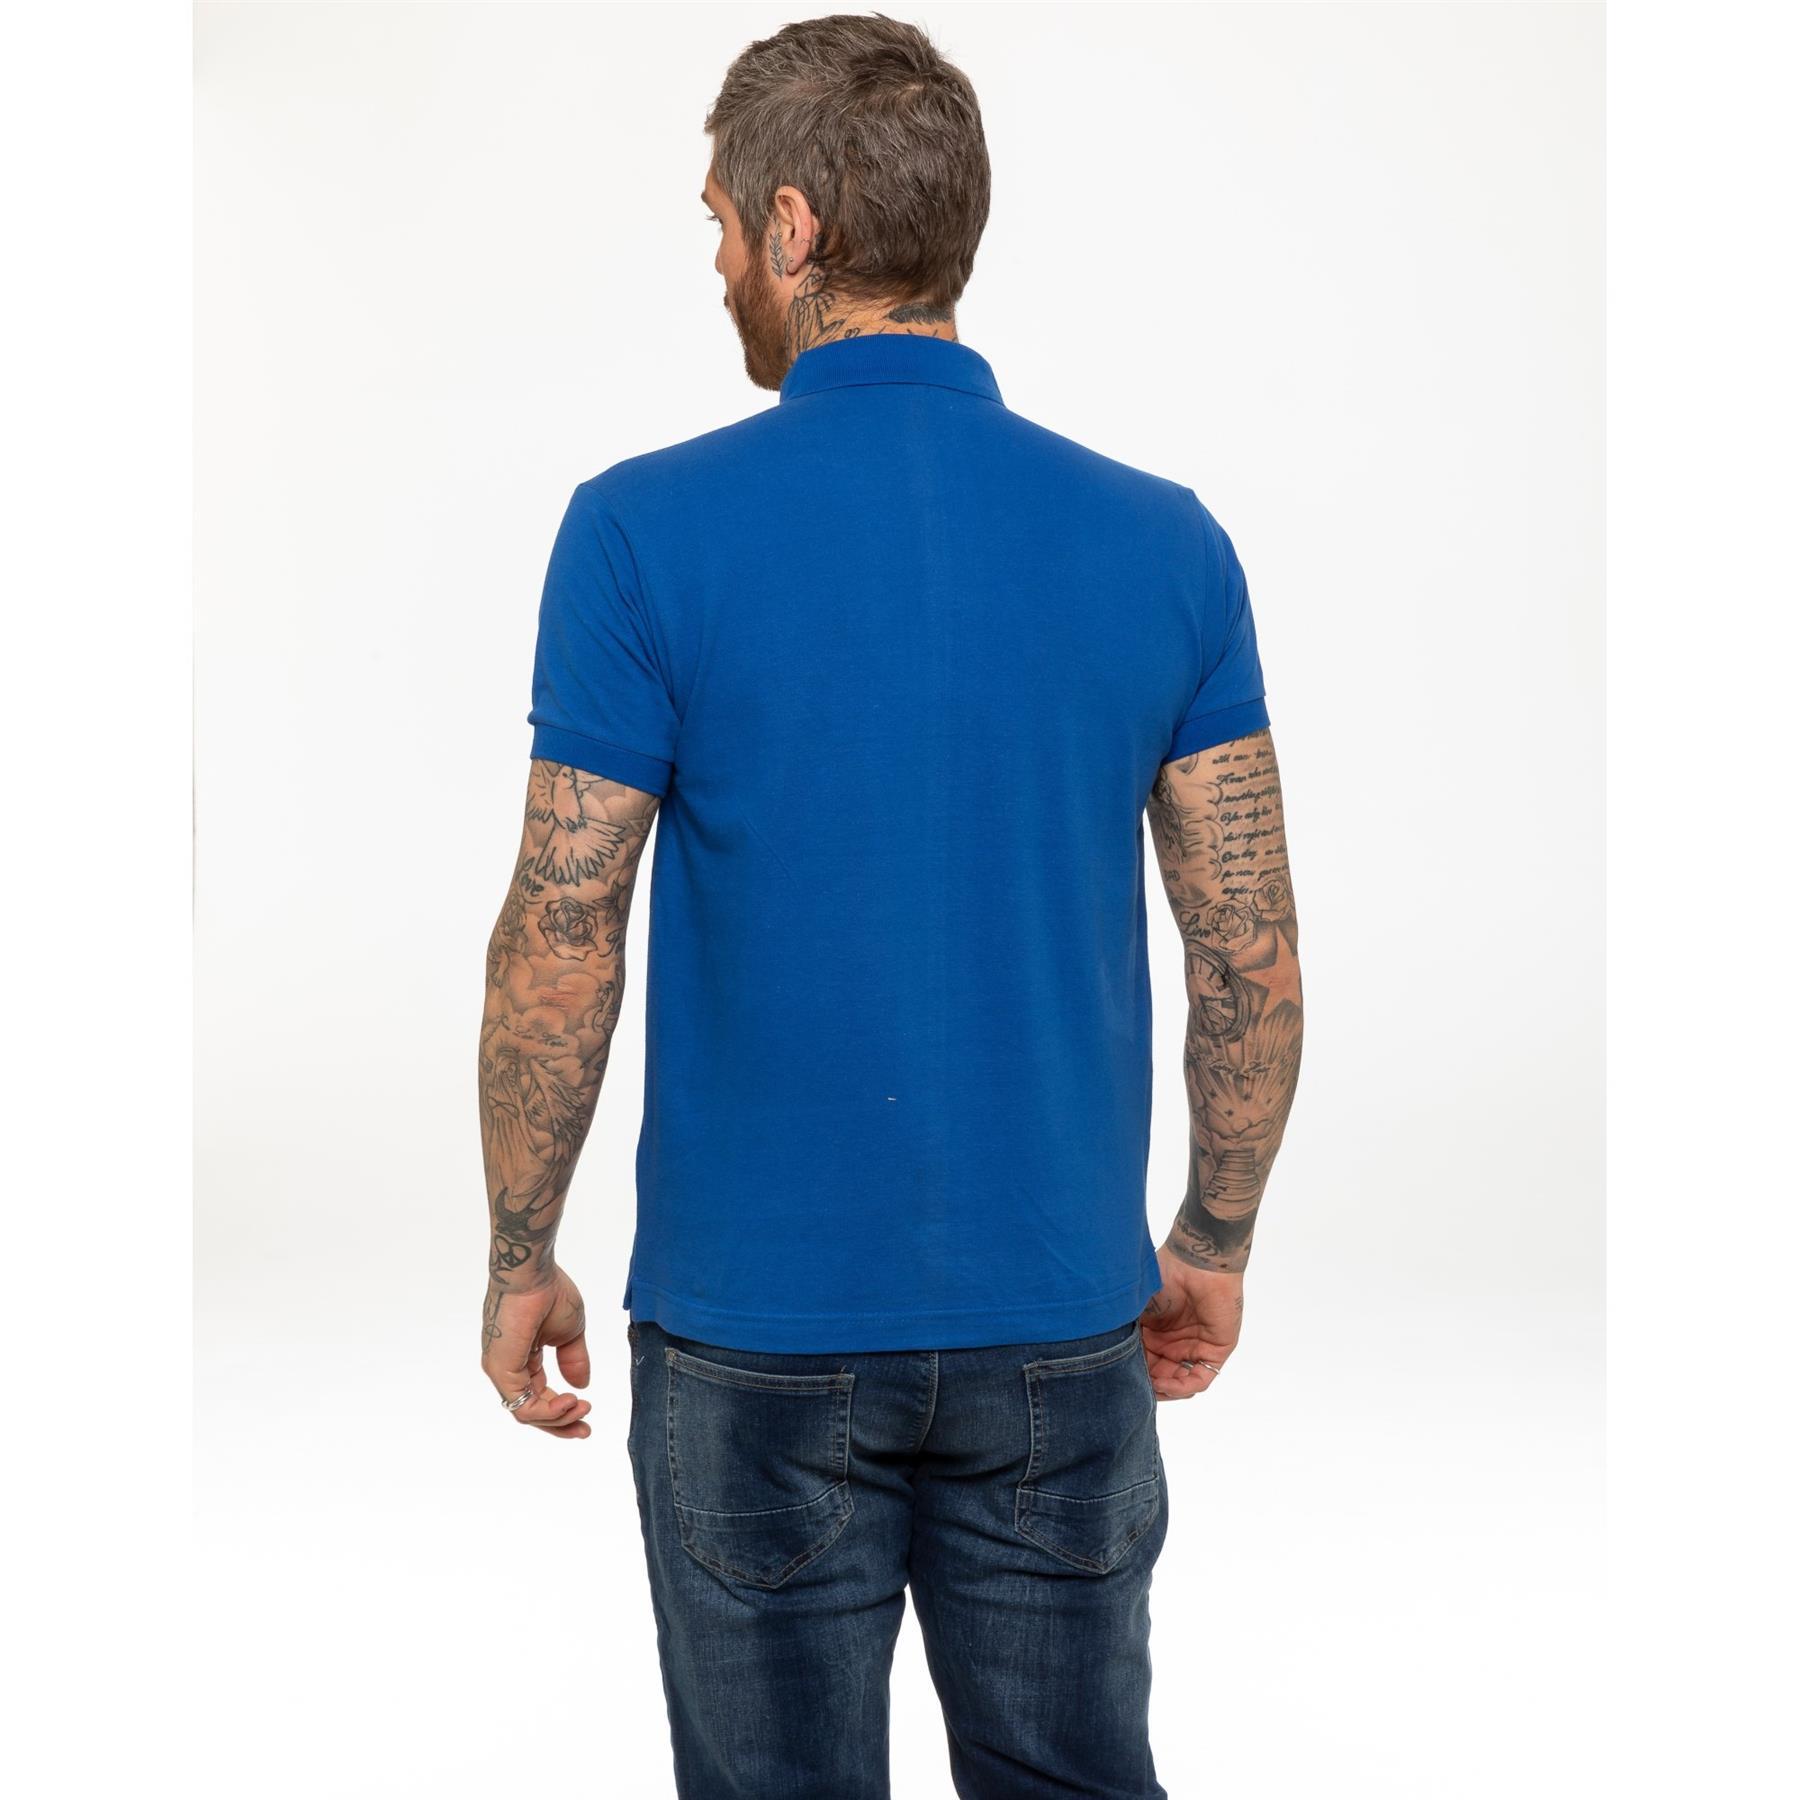 Indexbild 50 - Herren Polohemd Freizeit T-Shirts Neu Schlicht Kurzärmeliges Regular Fit